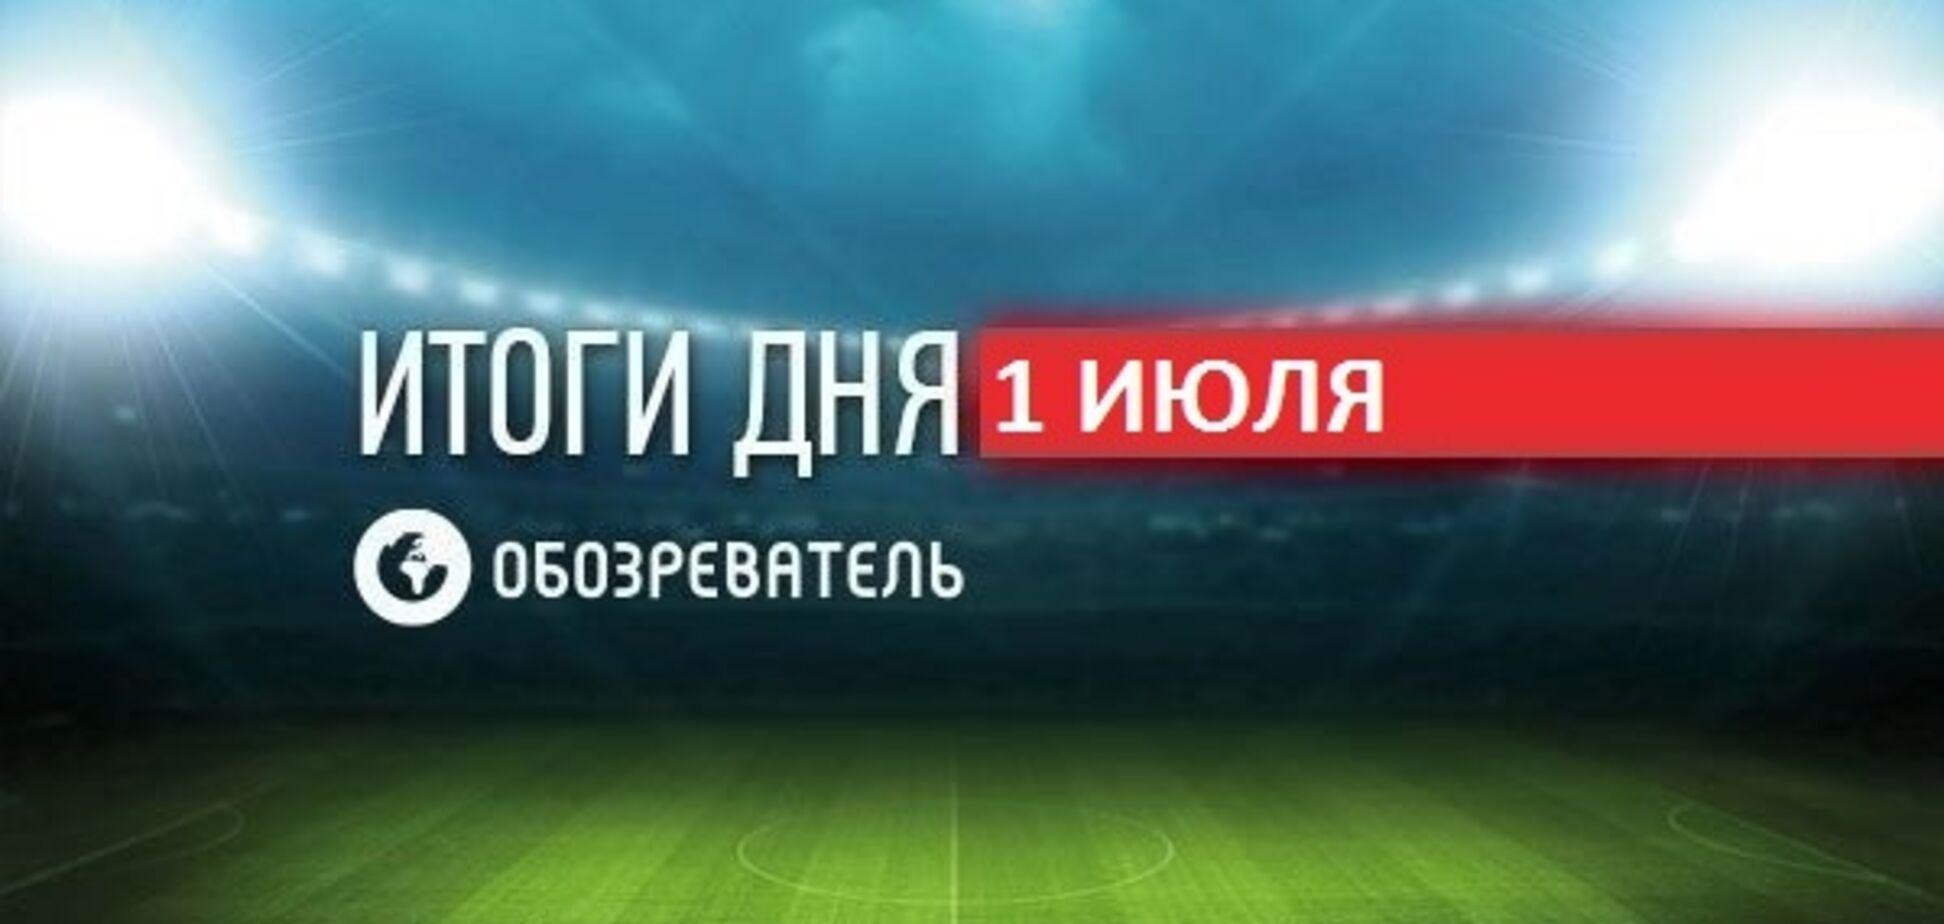 Россиянина лишили пояса Усика: спортивные итоги 1 июля